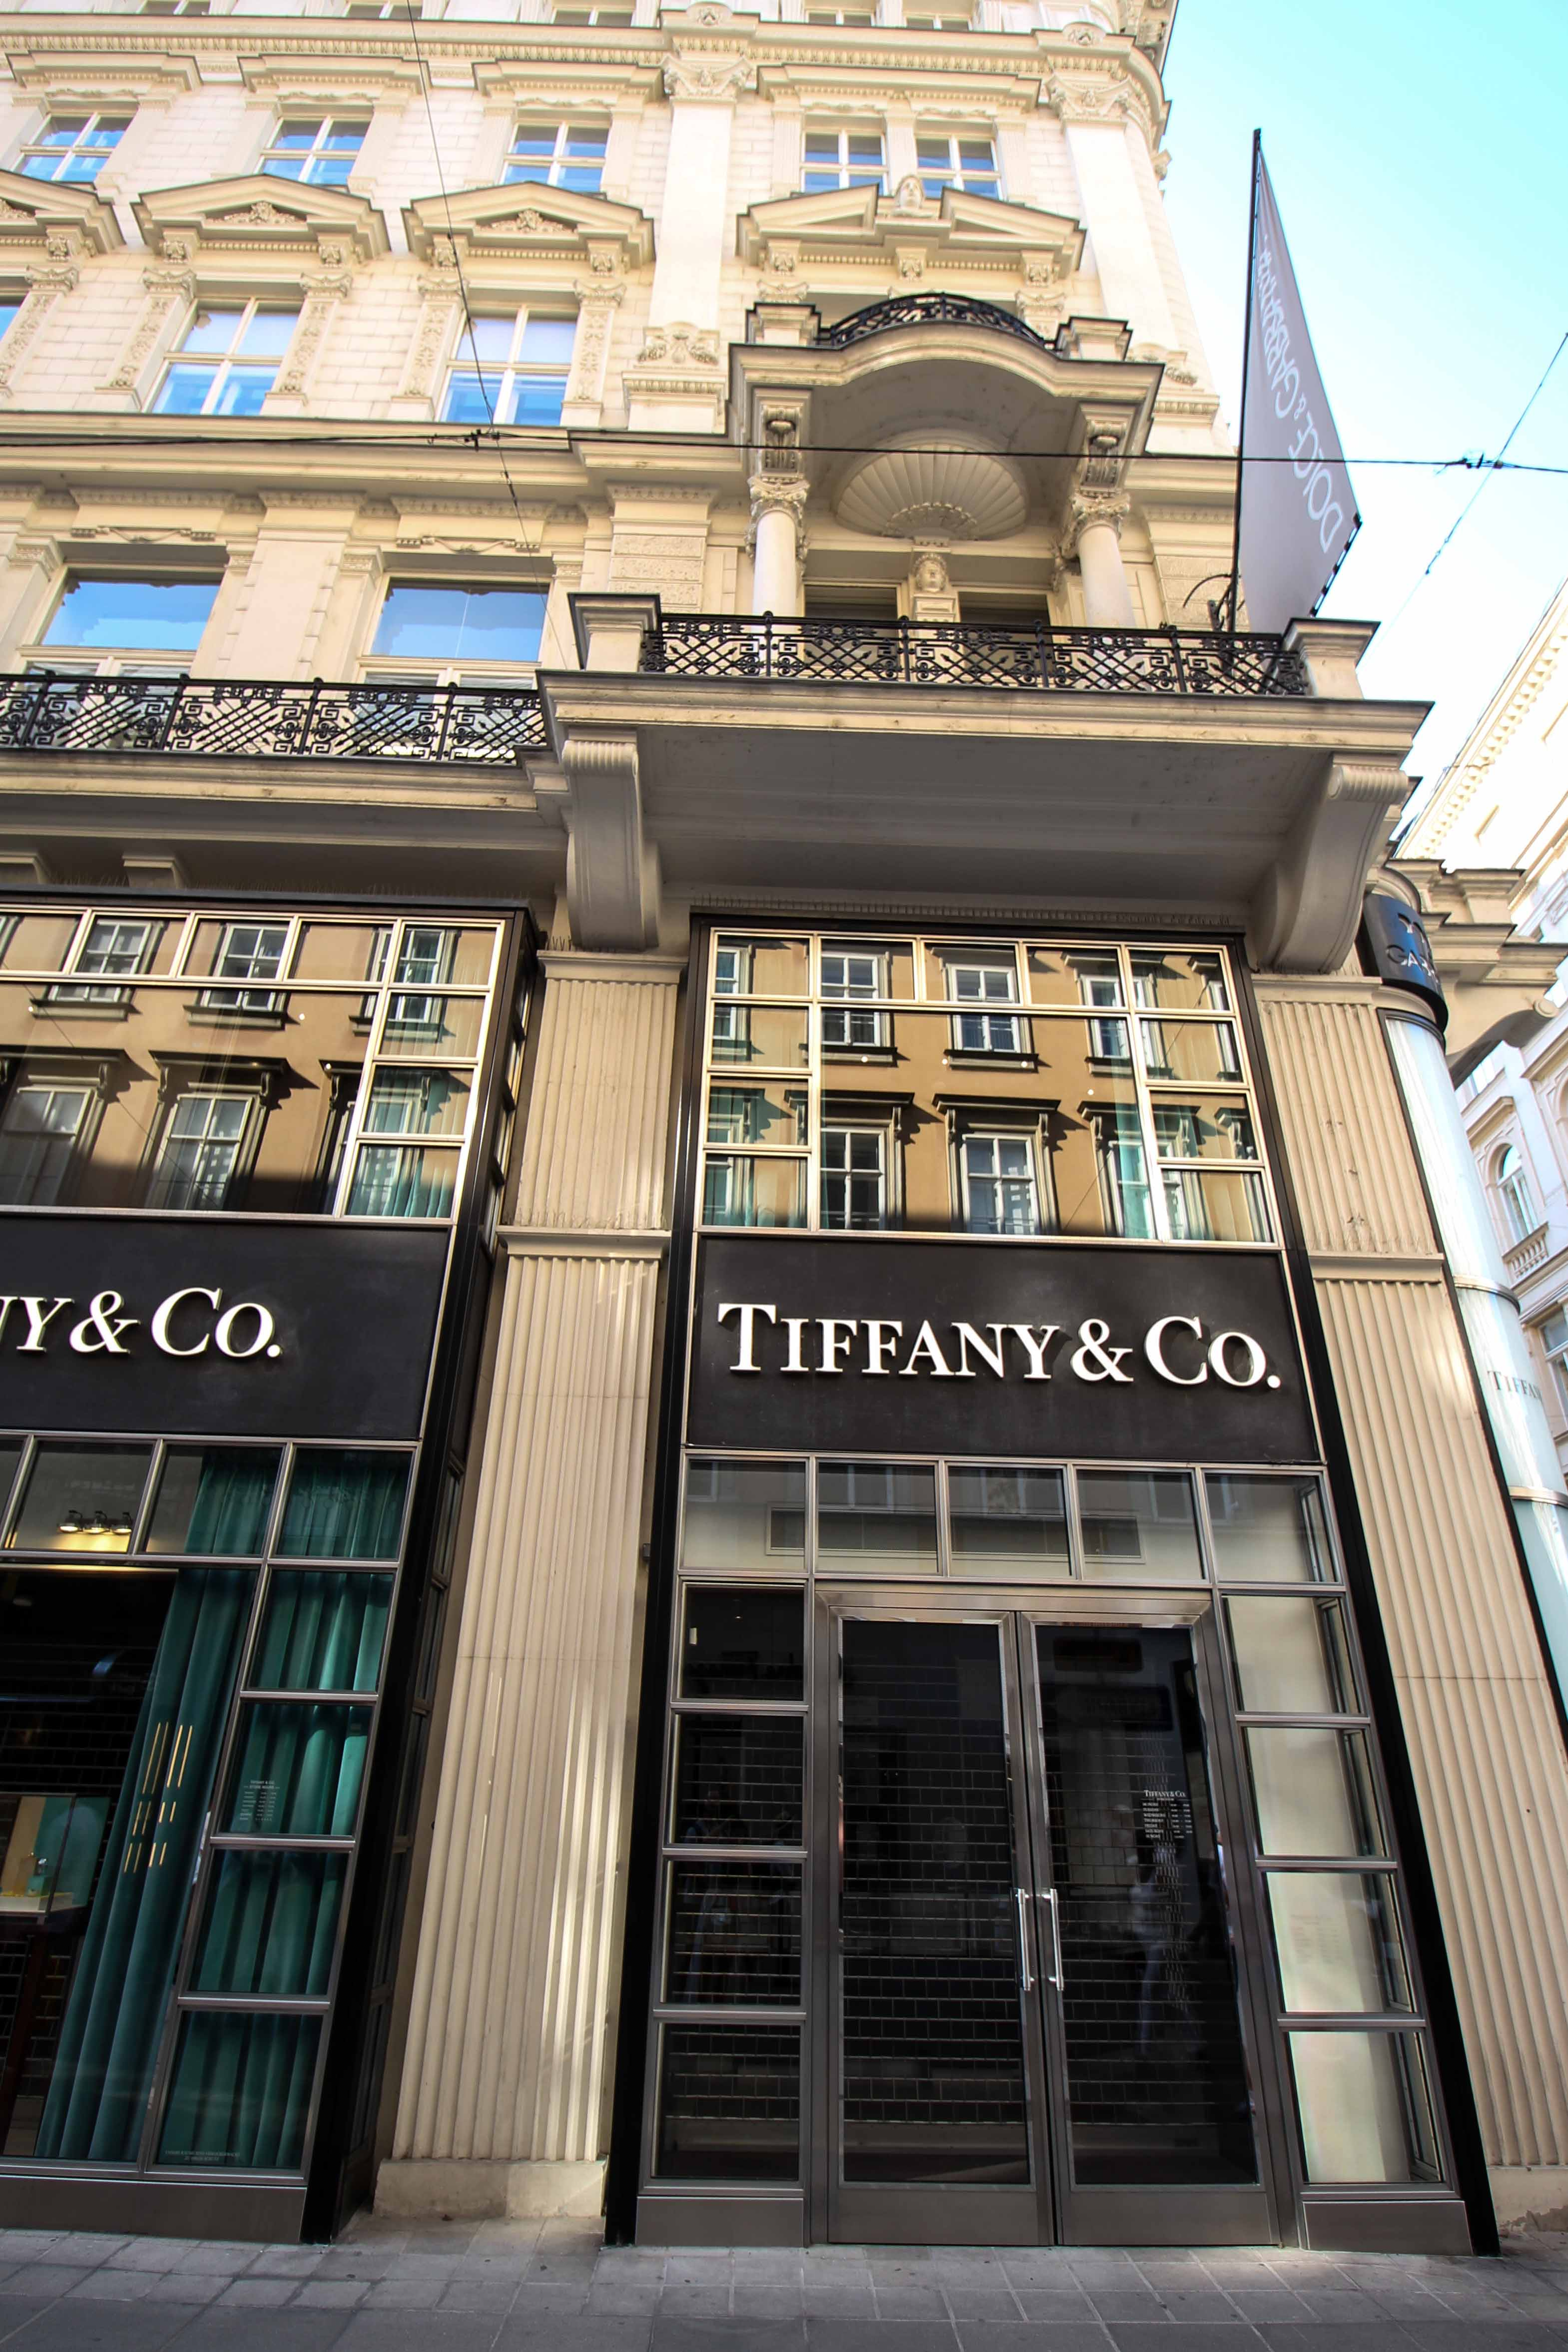 Wien Insider Tipps Sehenswürdigkeiten Wien Innenstadt Shopping Tiffany Co Sightseeing Wien Vienna Donaukreuzfahrt Arosa